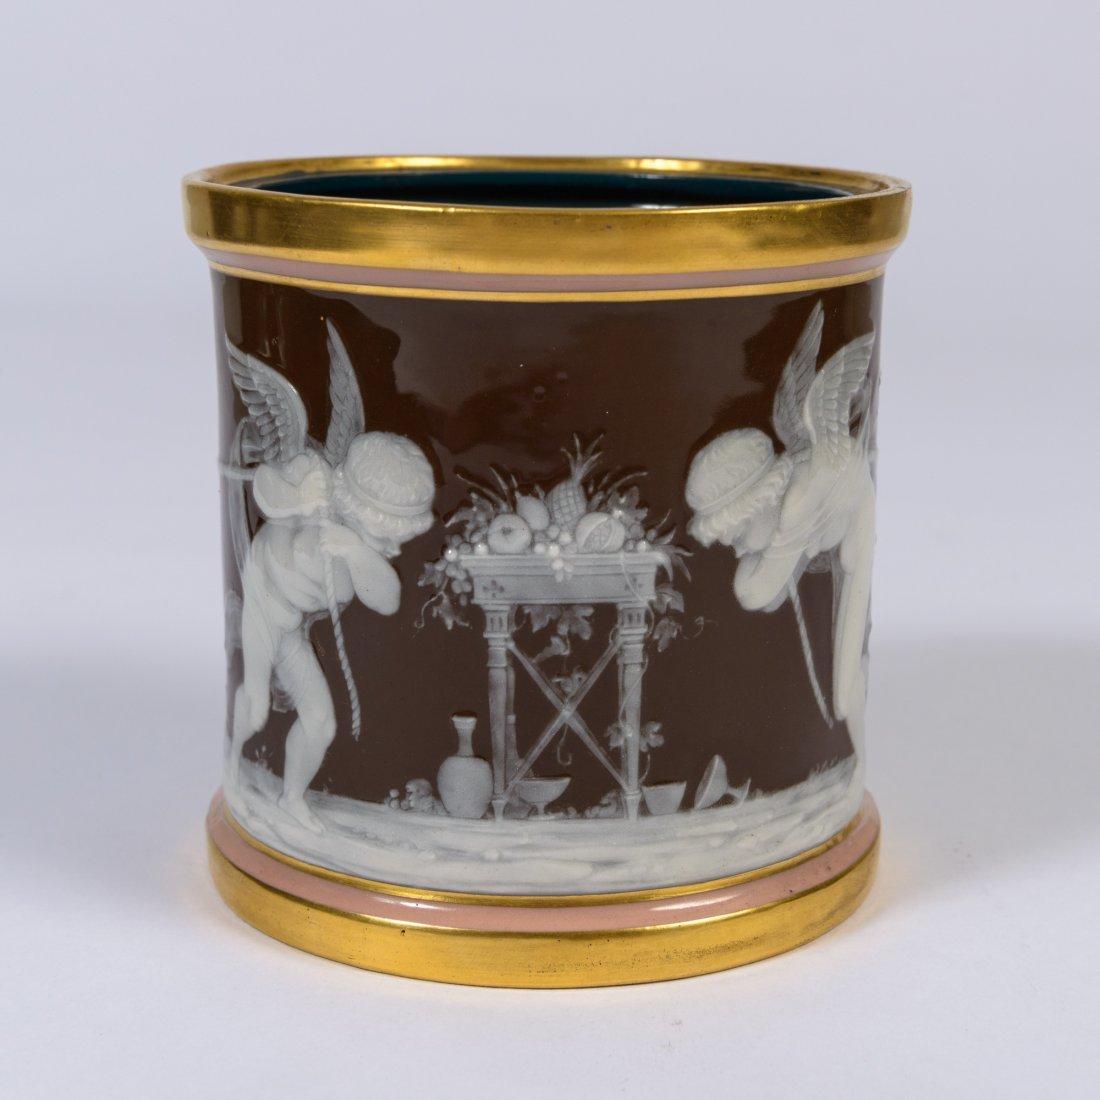 A Mintons Pate sur Pate Porcelain Jar,